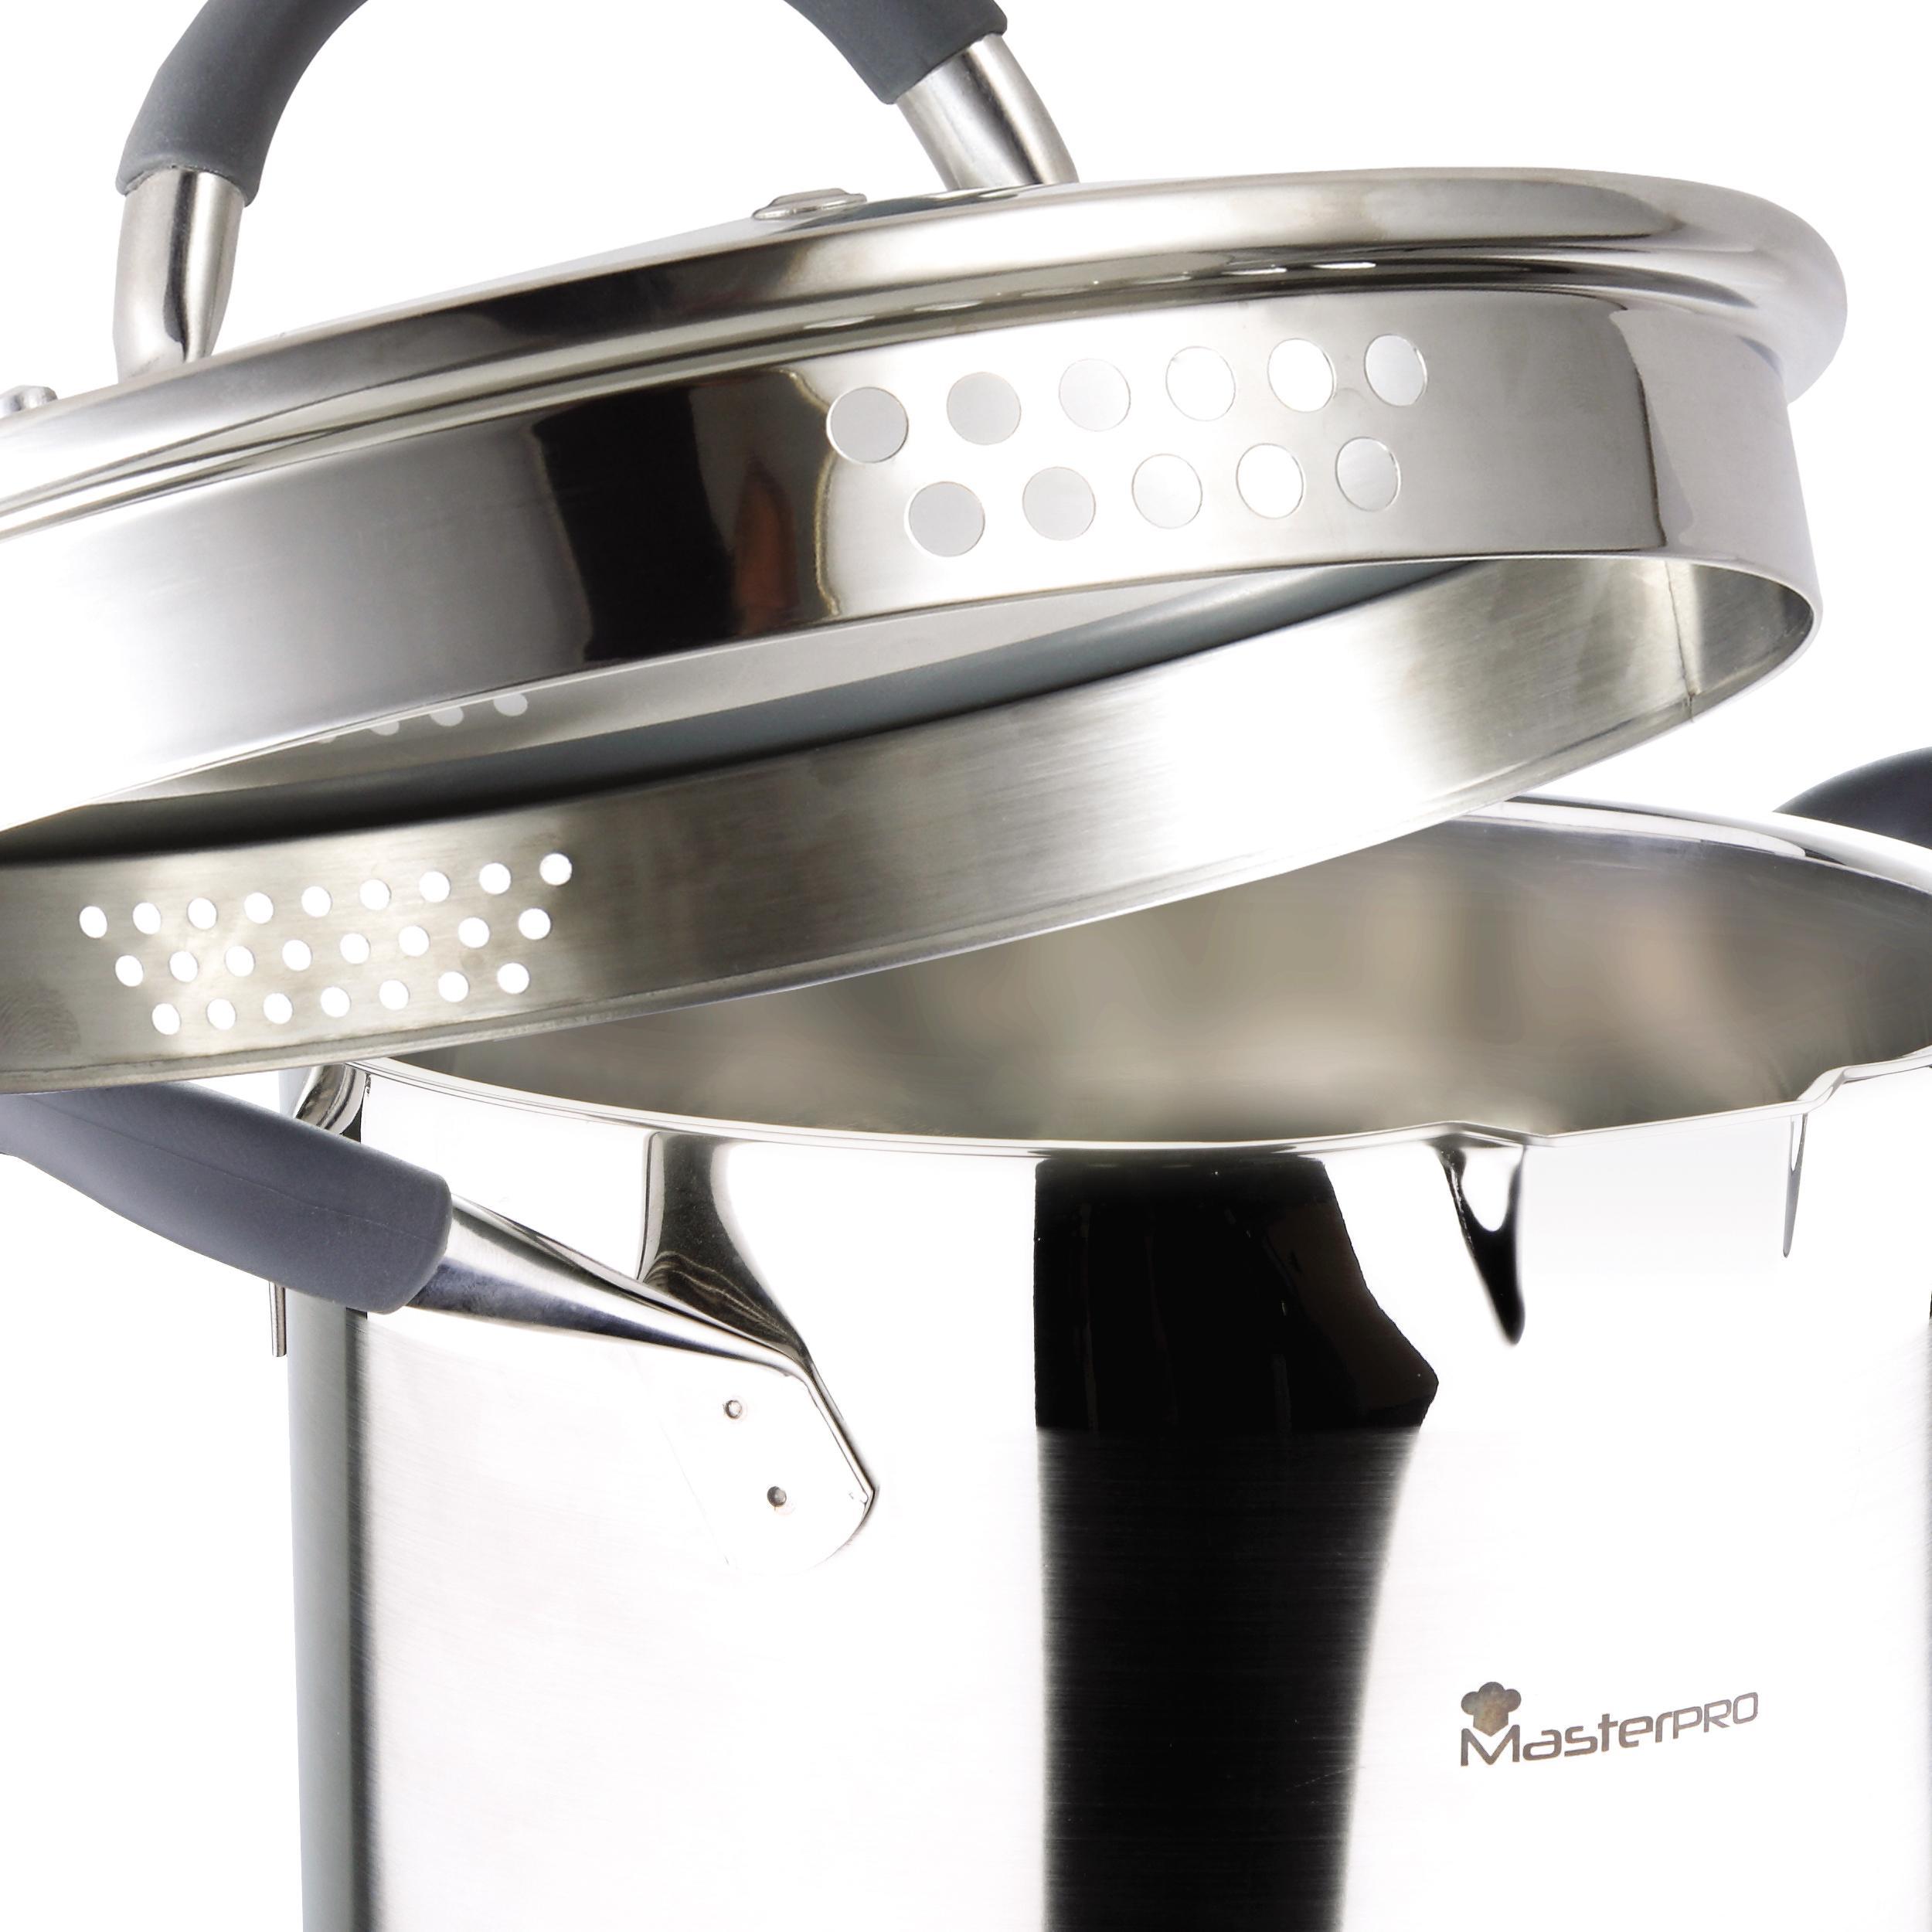 San ignacio masterpro accessori da cucina nylon amazon - Accessori da cucina ...